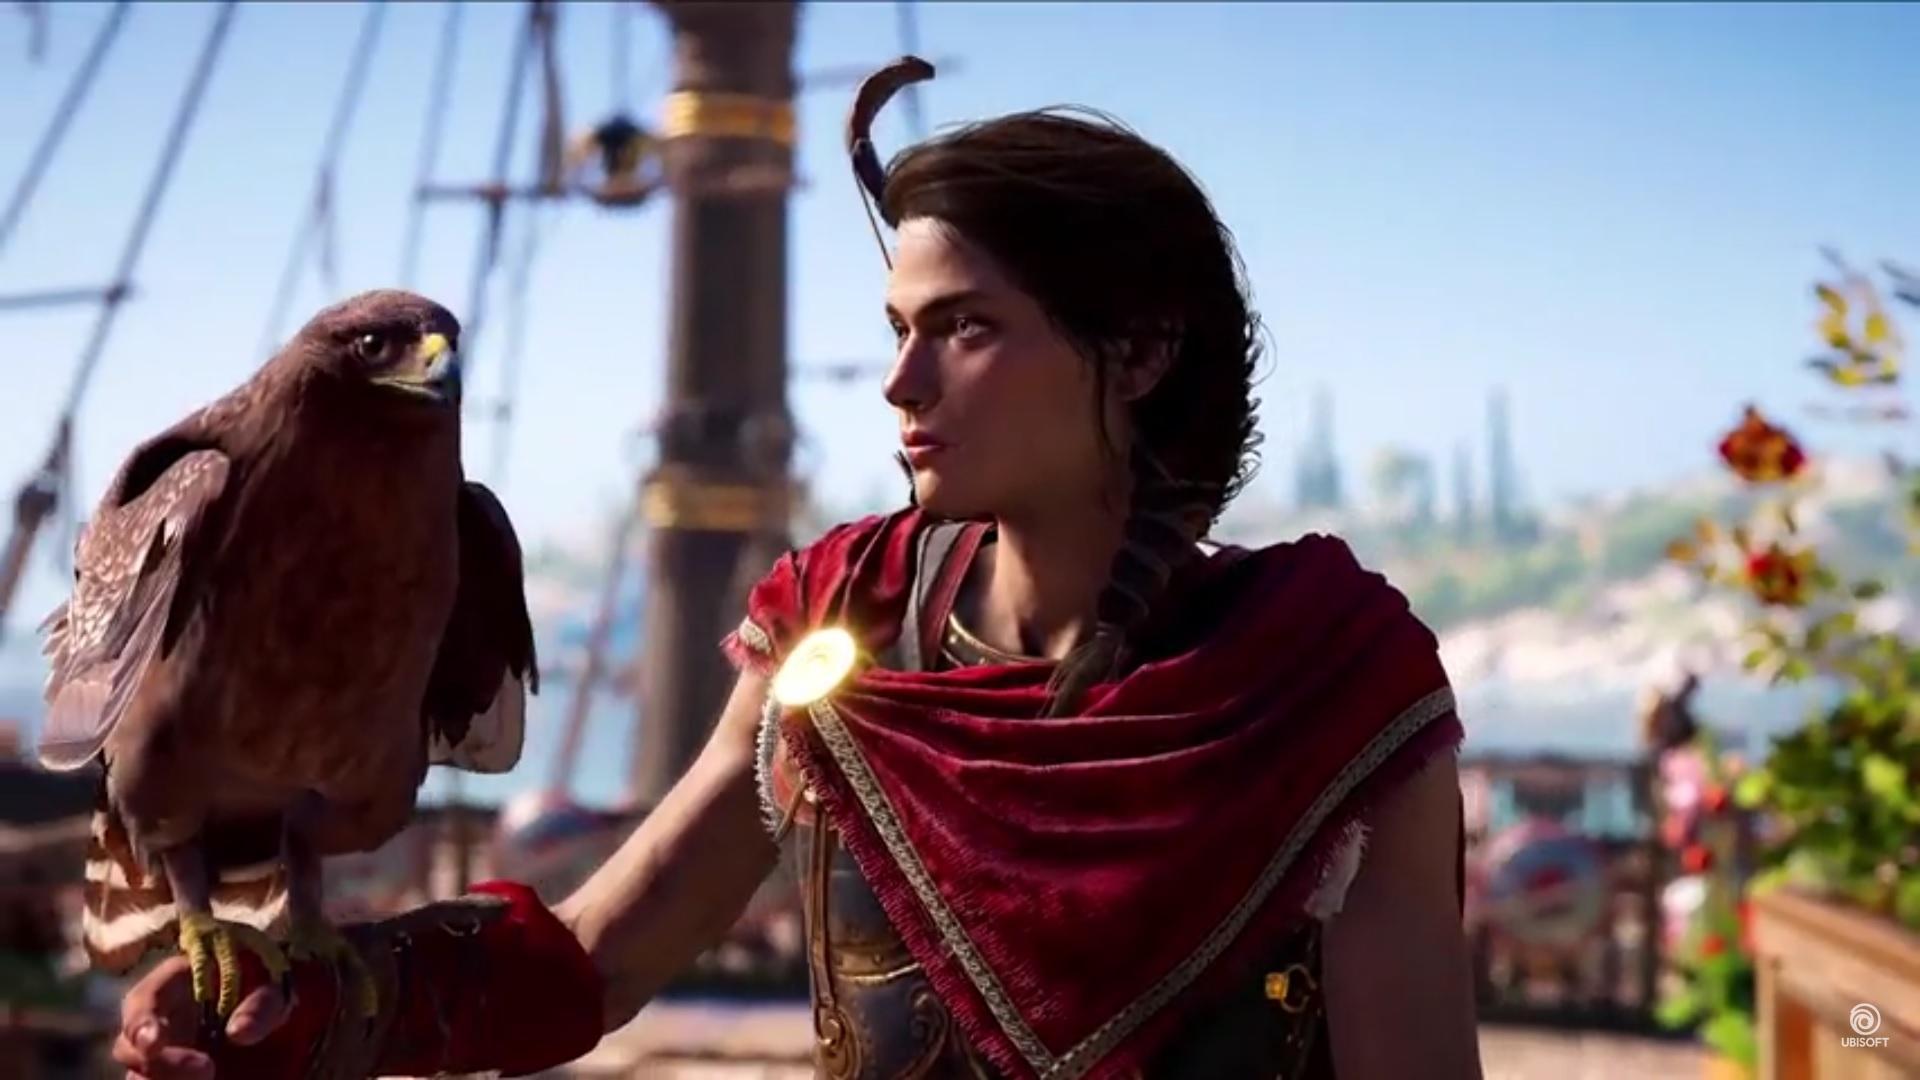 Скачать торрент Assassins Creed Odyssey бесплатно